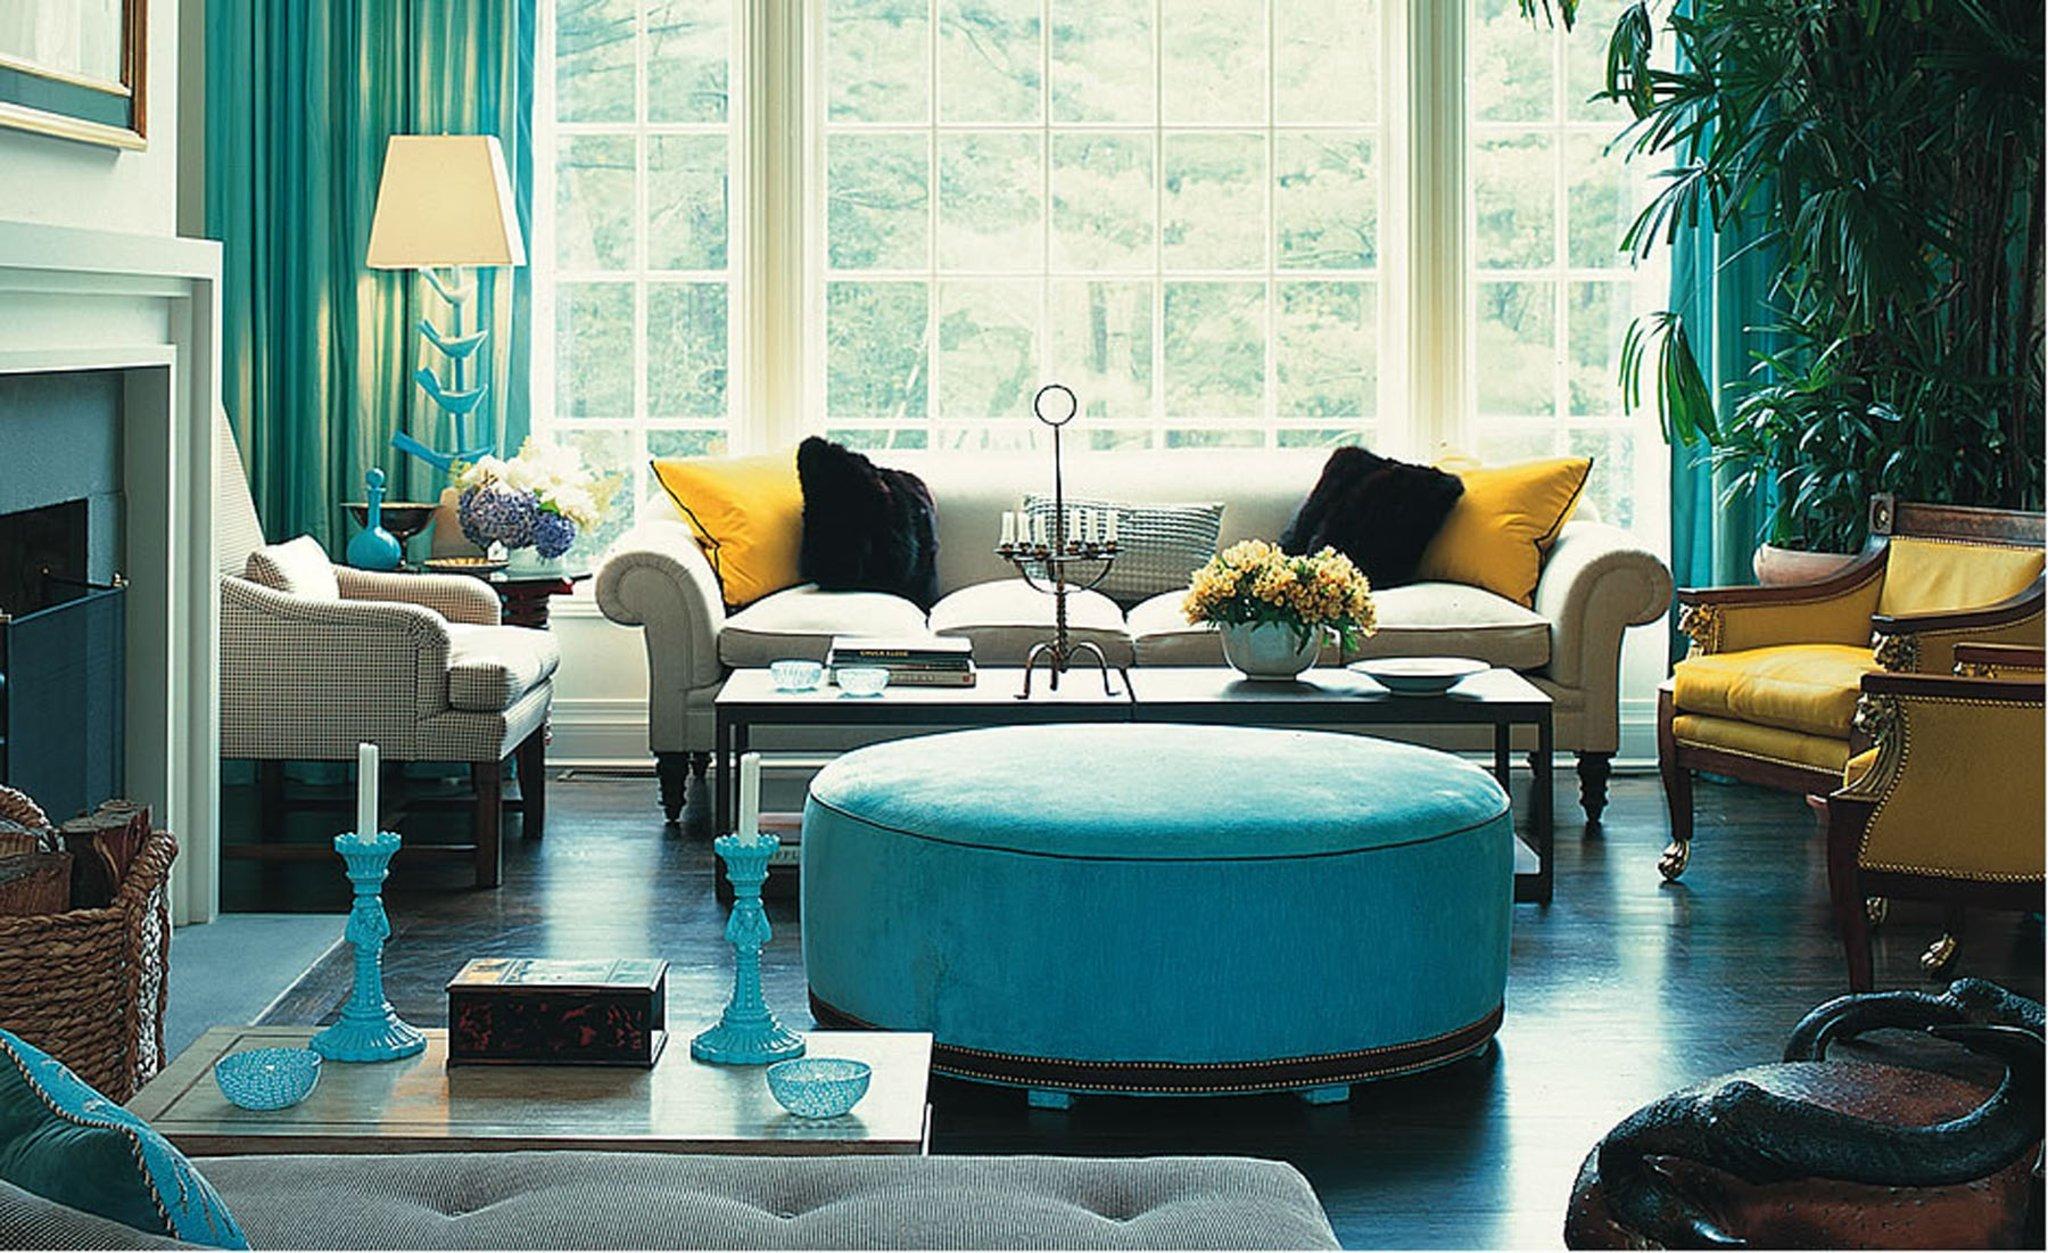 7 советов по использованию синего цвета в интерьере + фото | строительный блог вити петрова